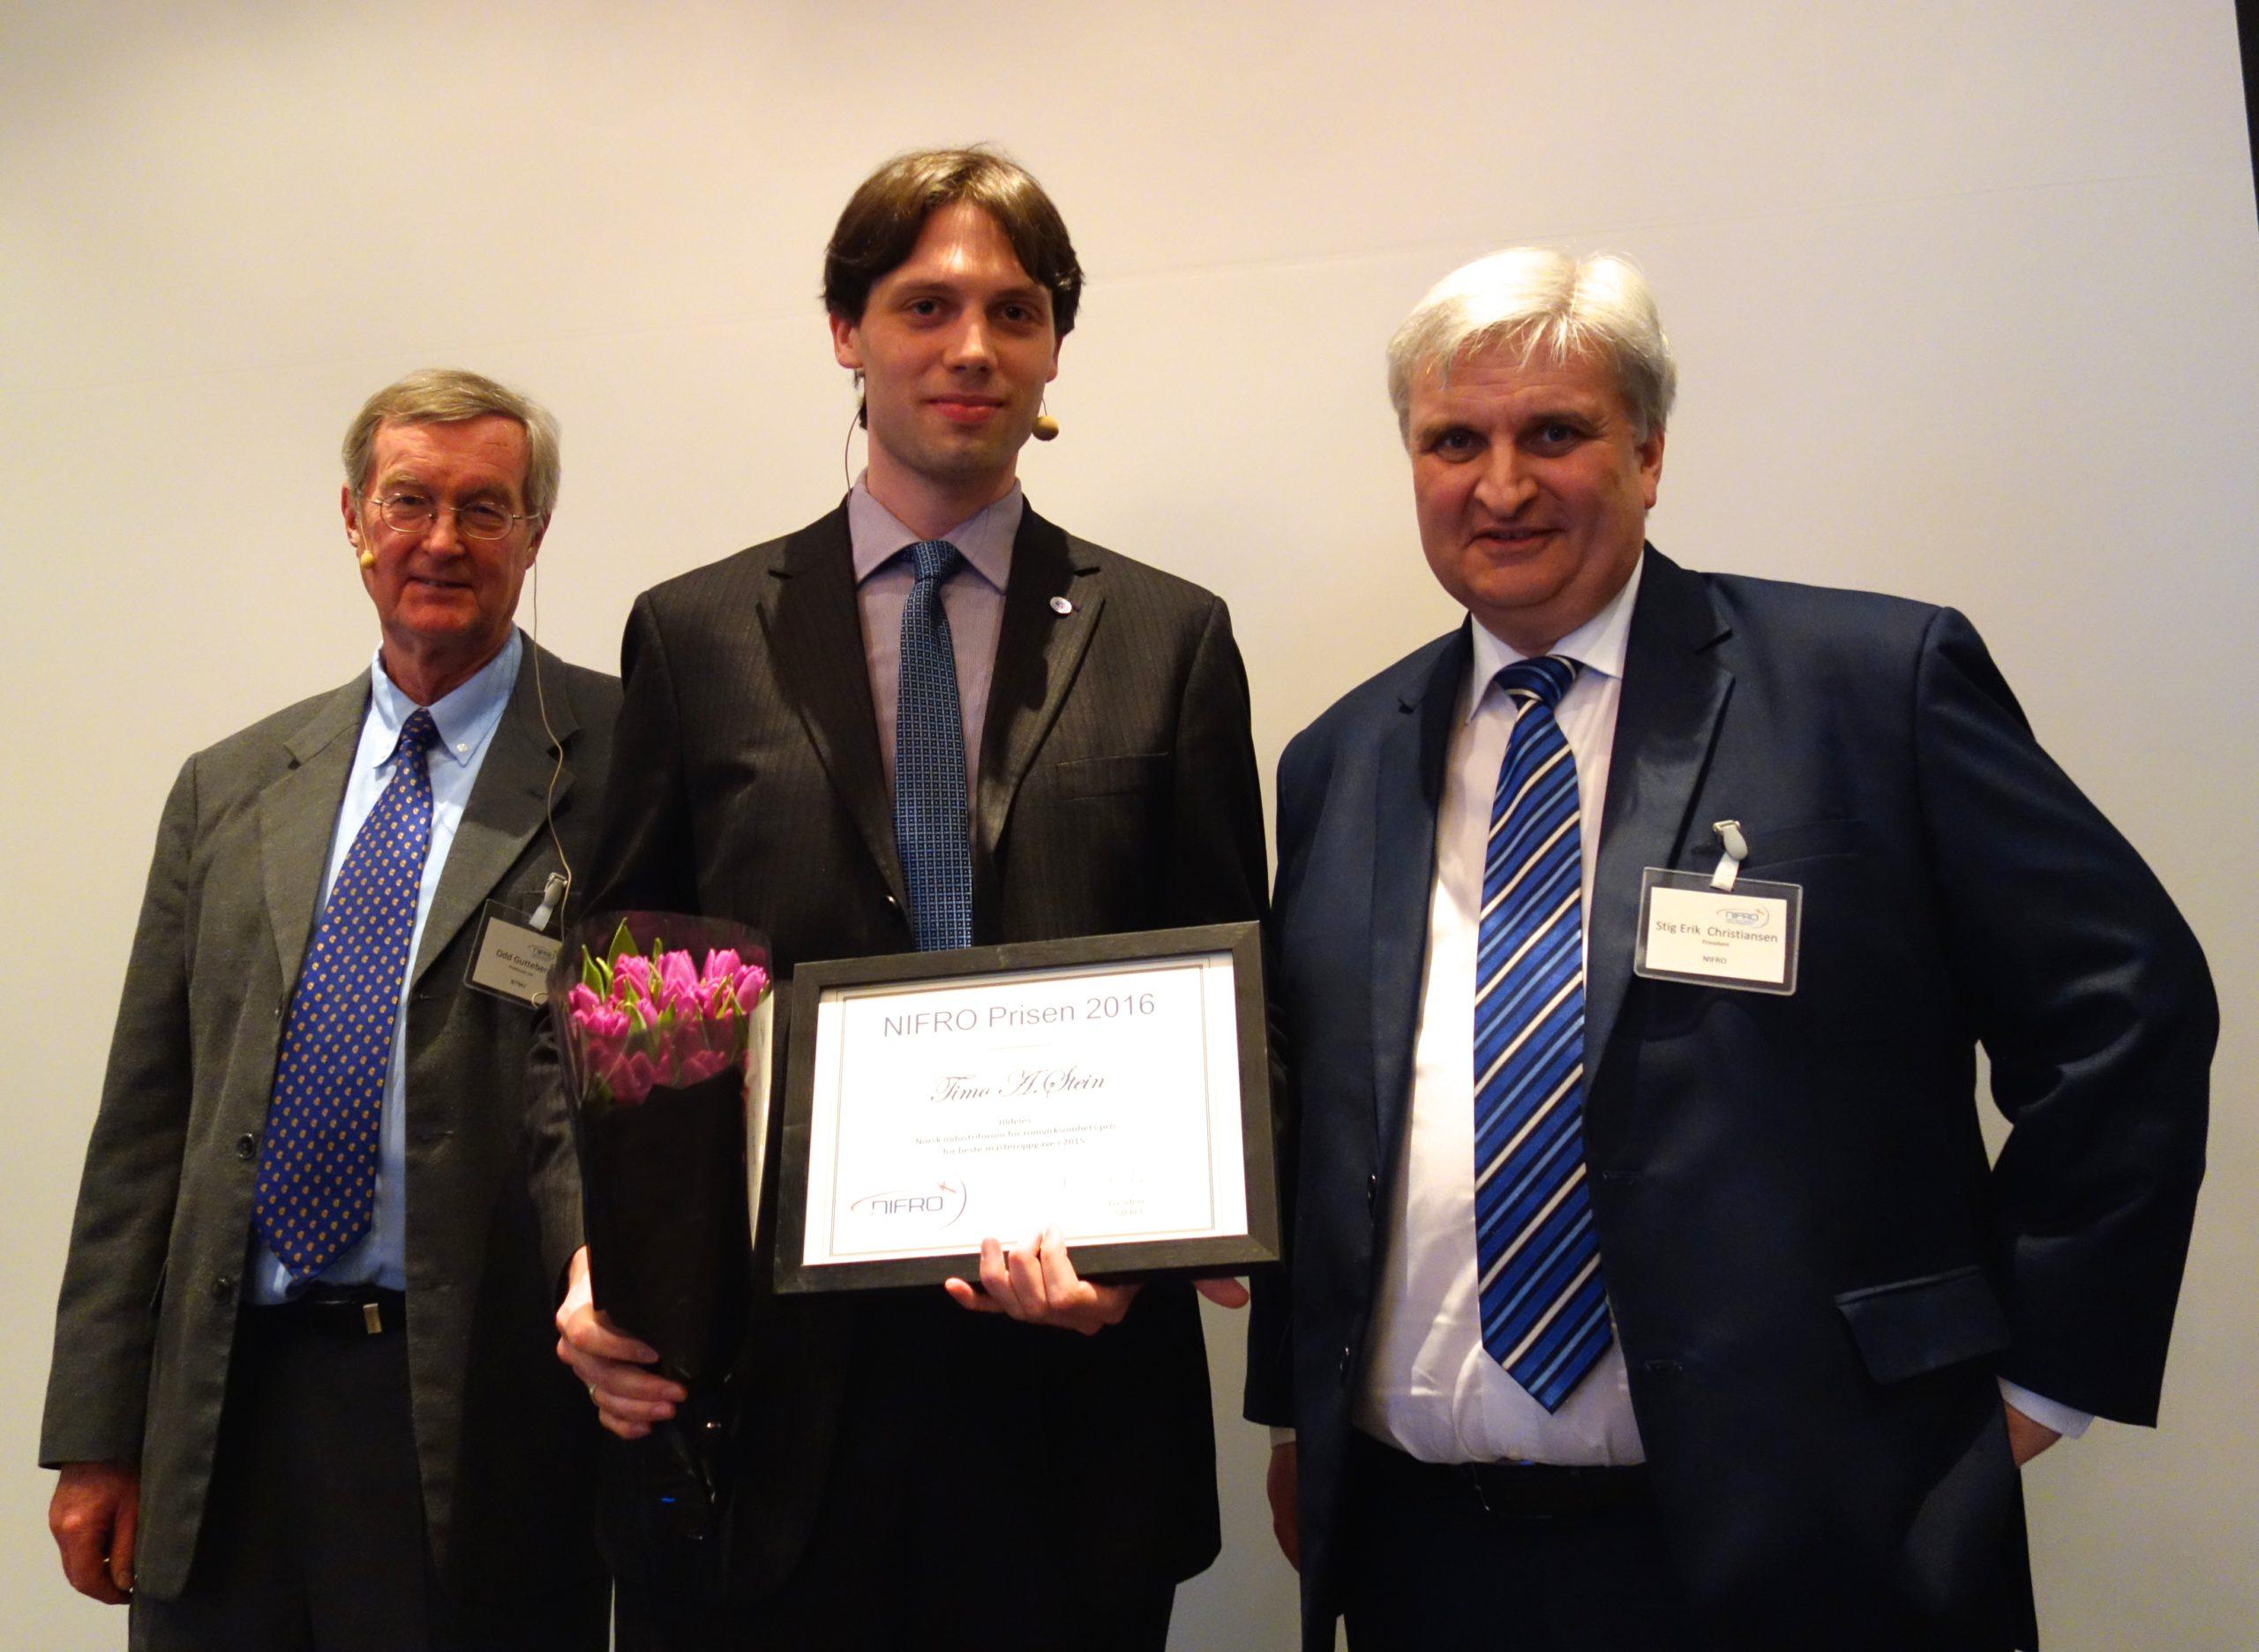 NTNU-student Tildelt NIFRO-prisen For 2016.